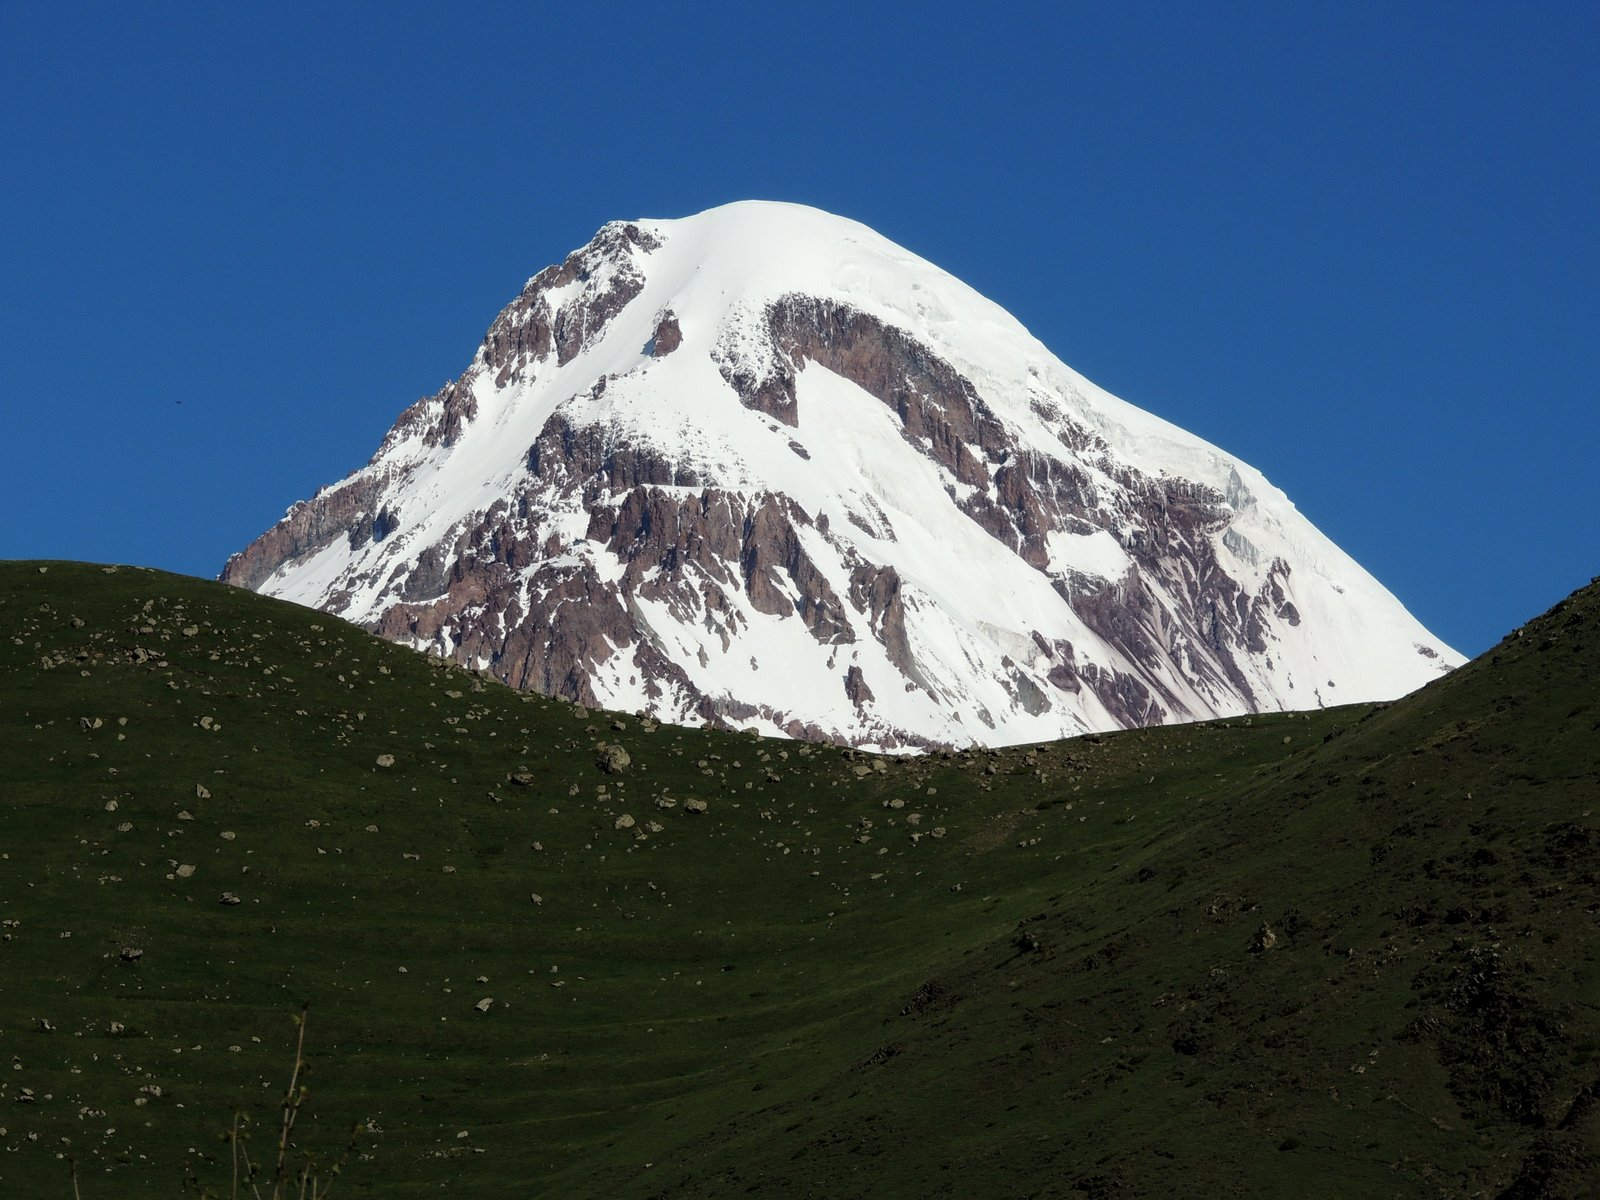 Kazbeg im Kaukasus - Georgien